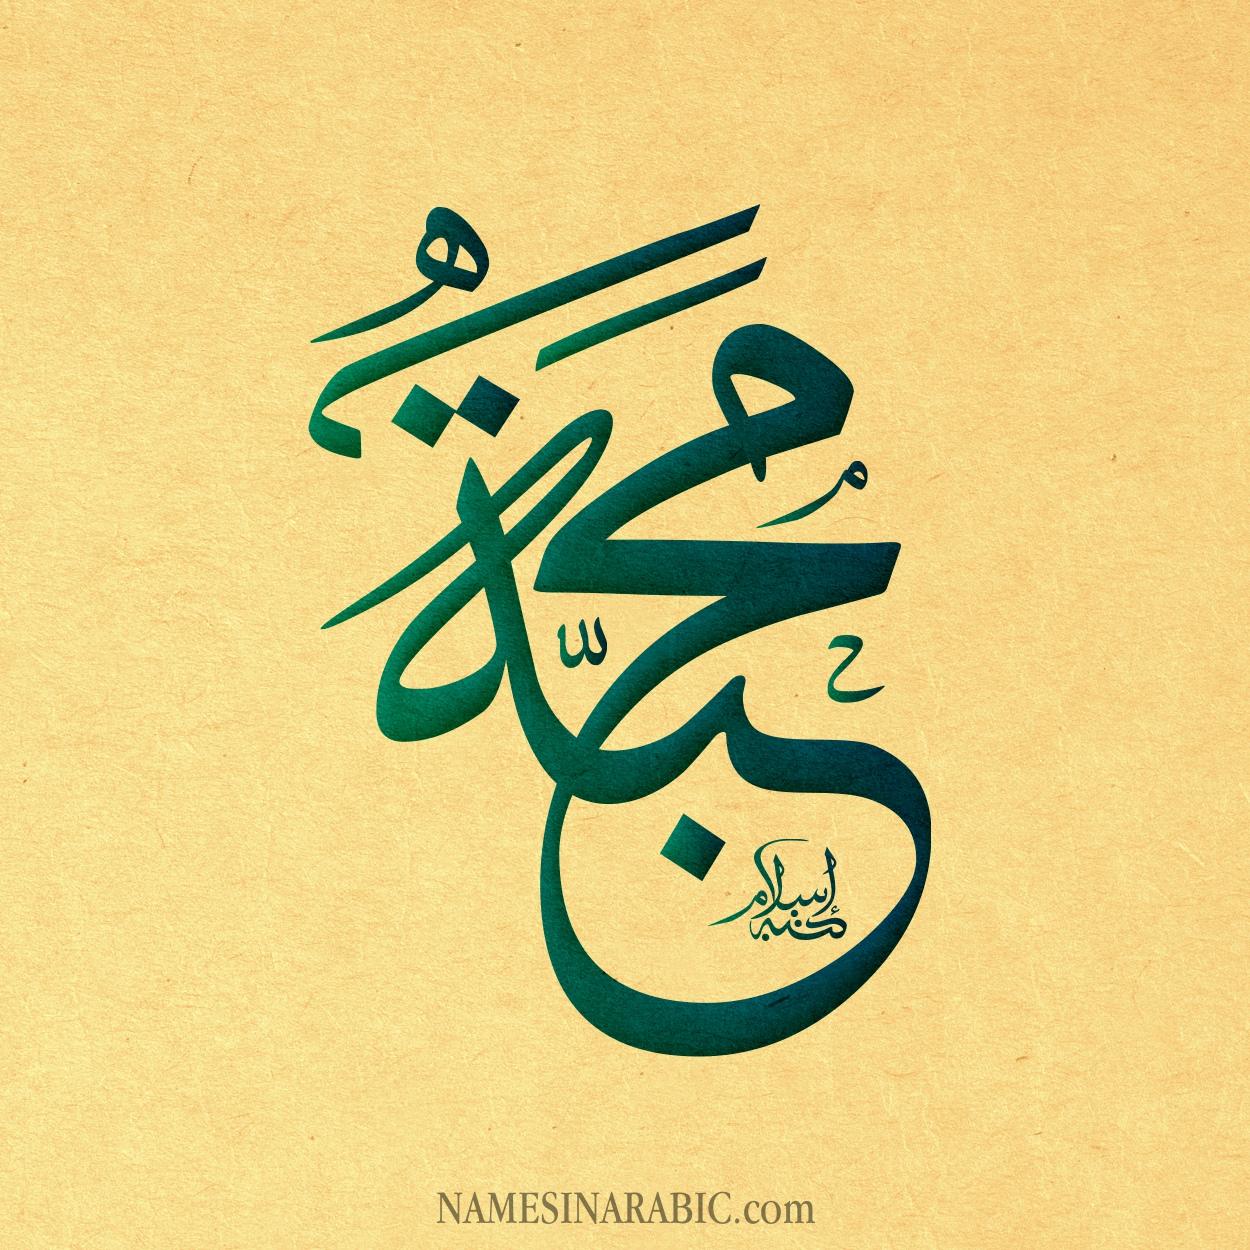 صورة اسم مُحِبَّة MOHEBAH اسم مُحِبَّة بالخط العربي من موقع الأسماء بالخط العربي بريشة الفنان إسلام ابن الفضل